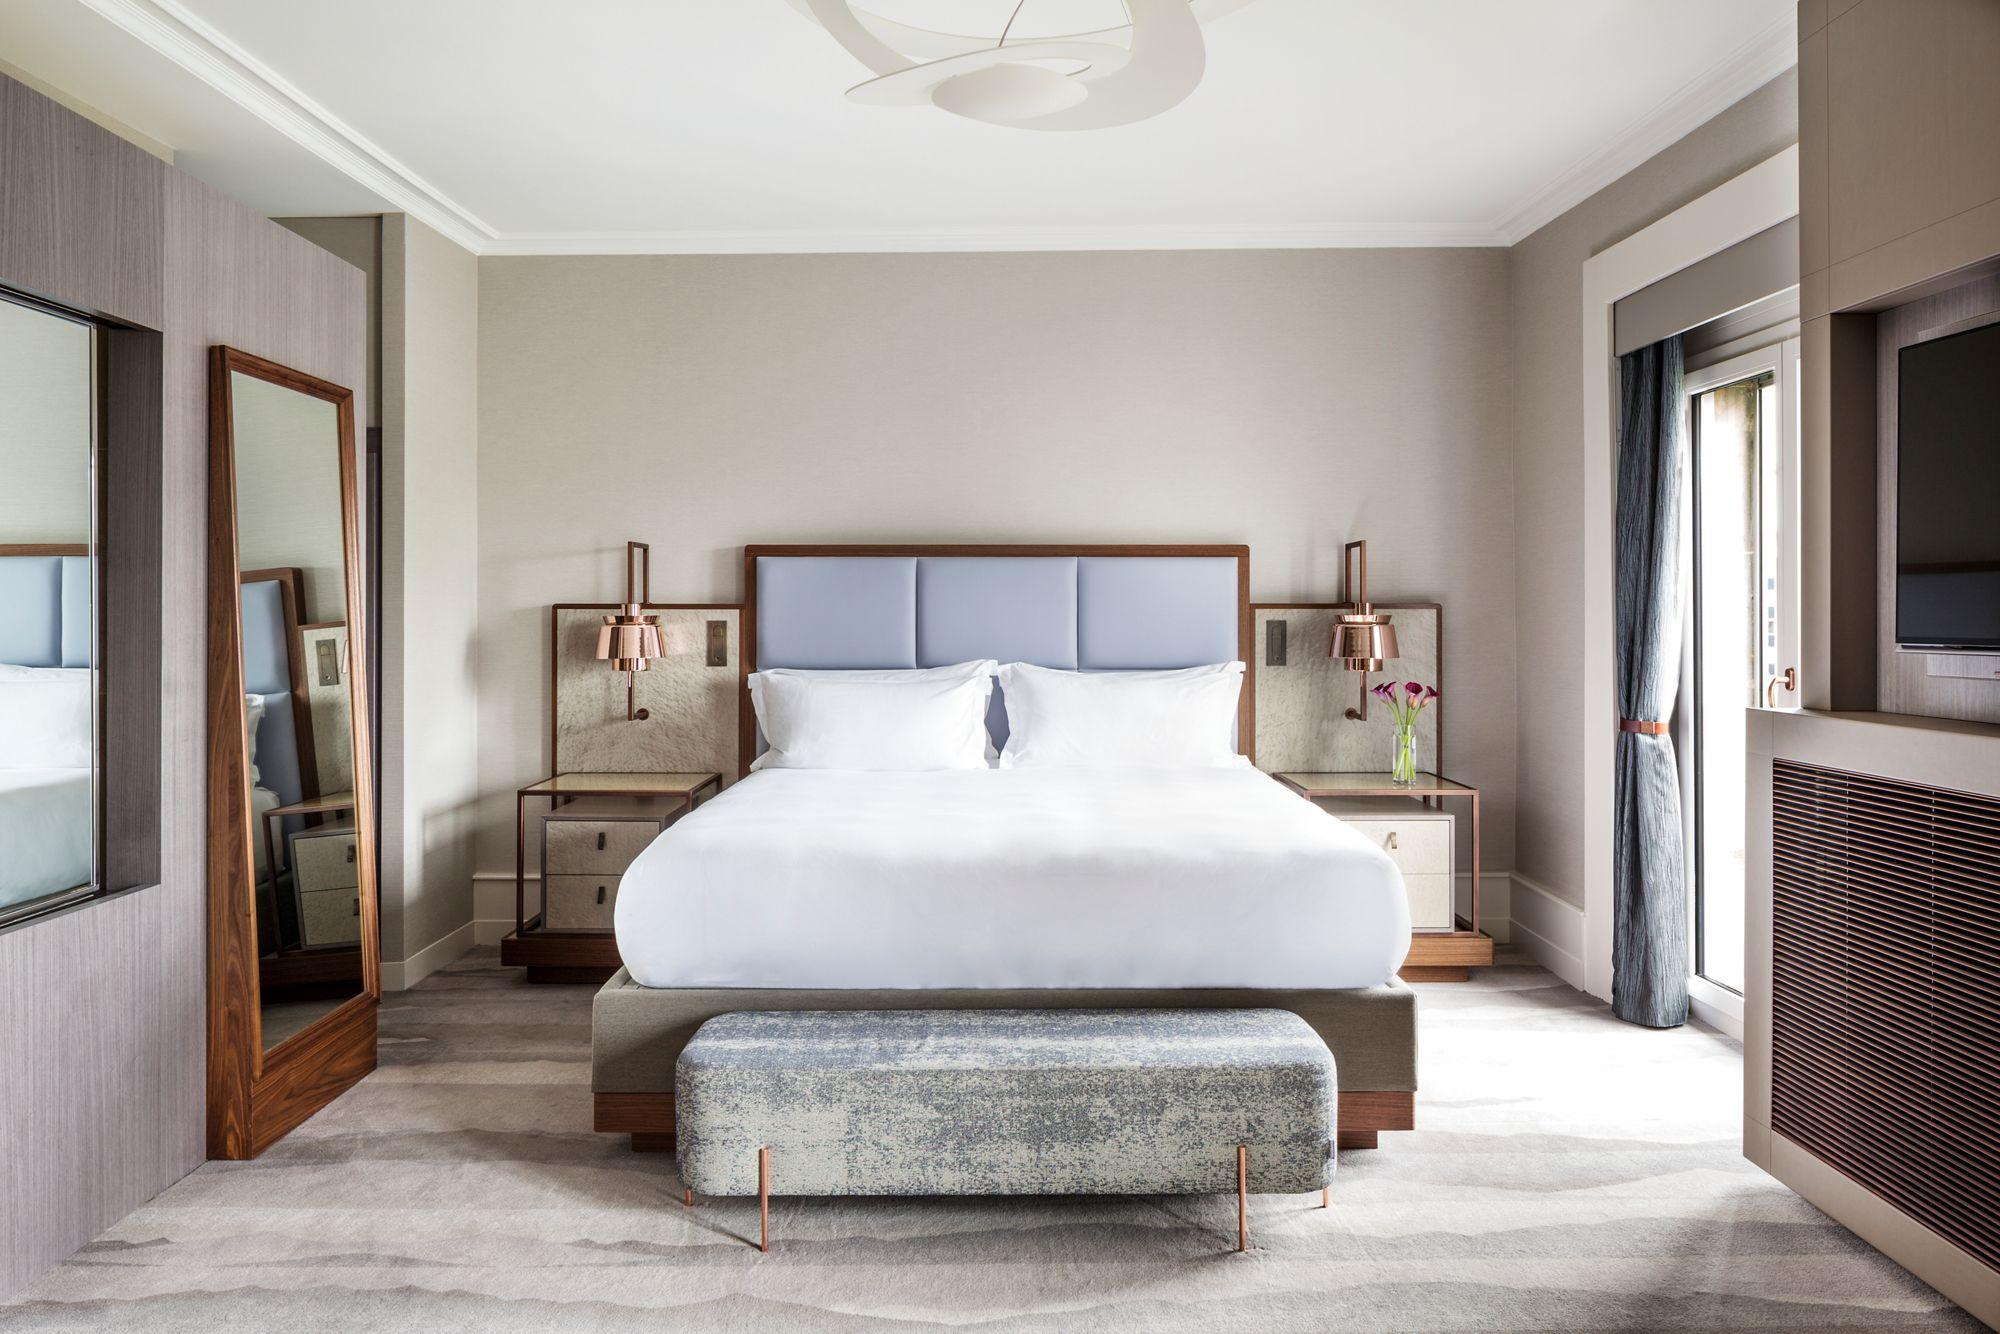 Ritz-Carlton bringt seinen legendären Luxus in die Schweiz 7